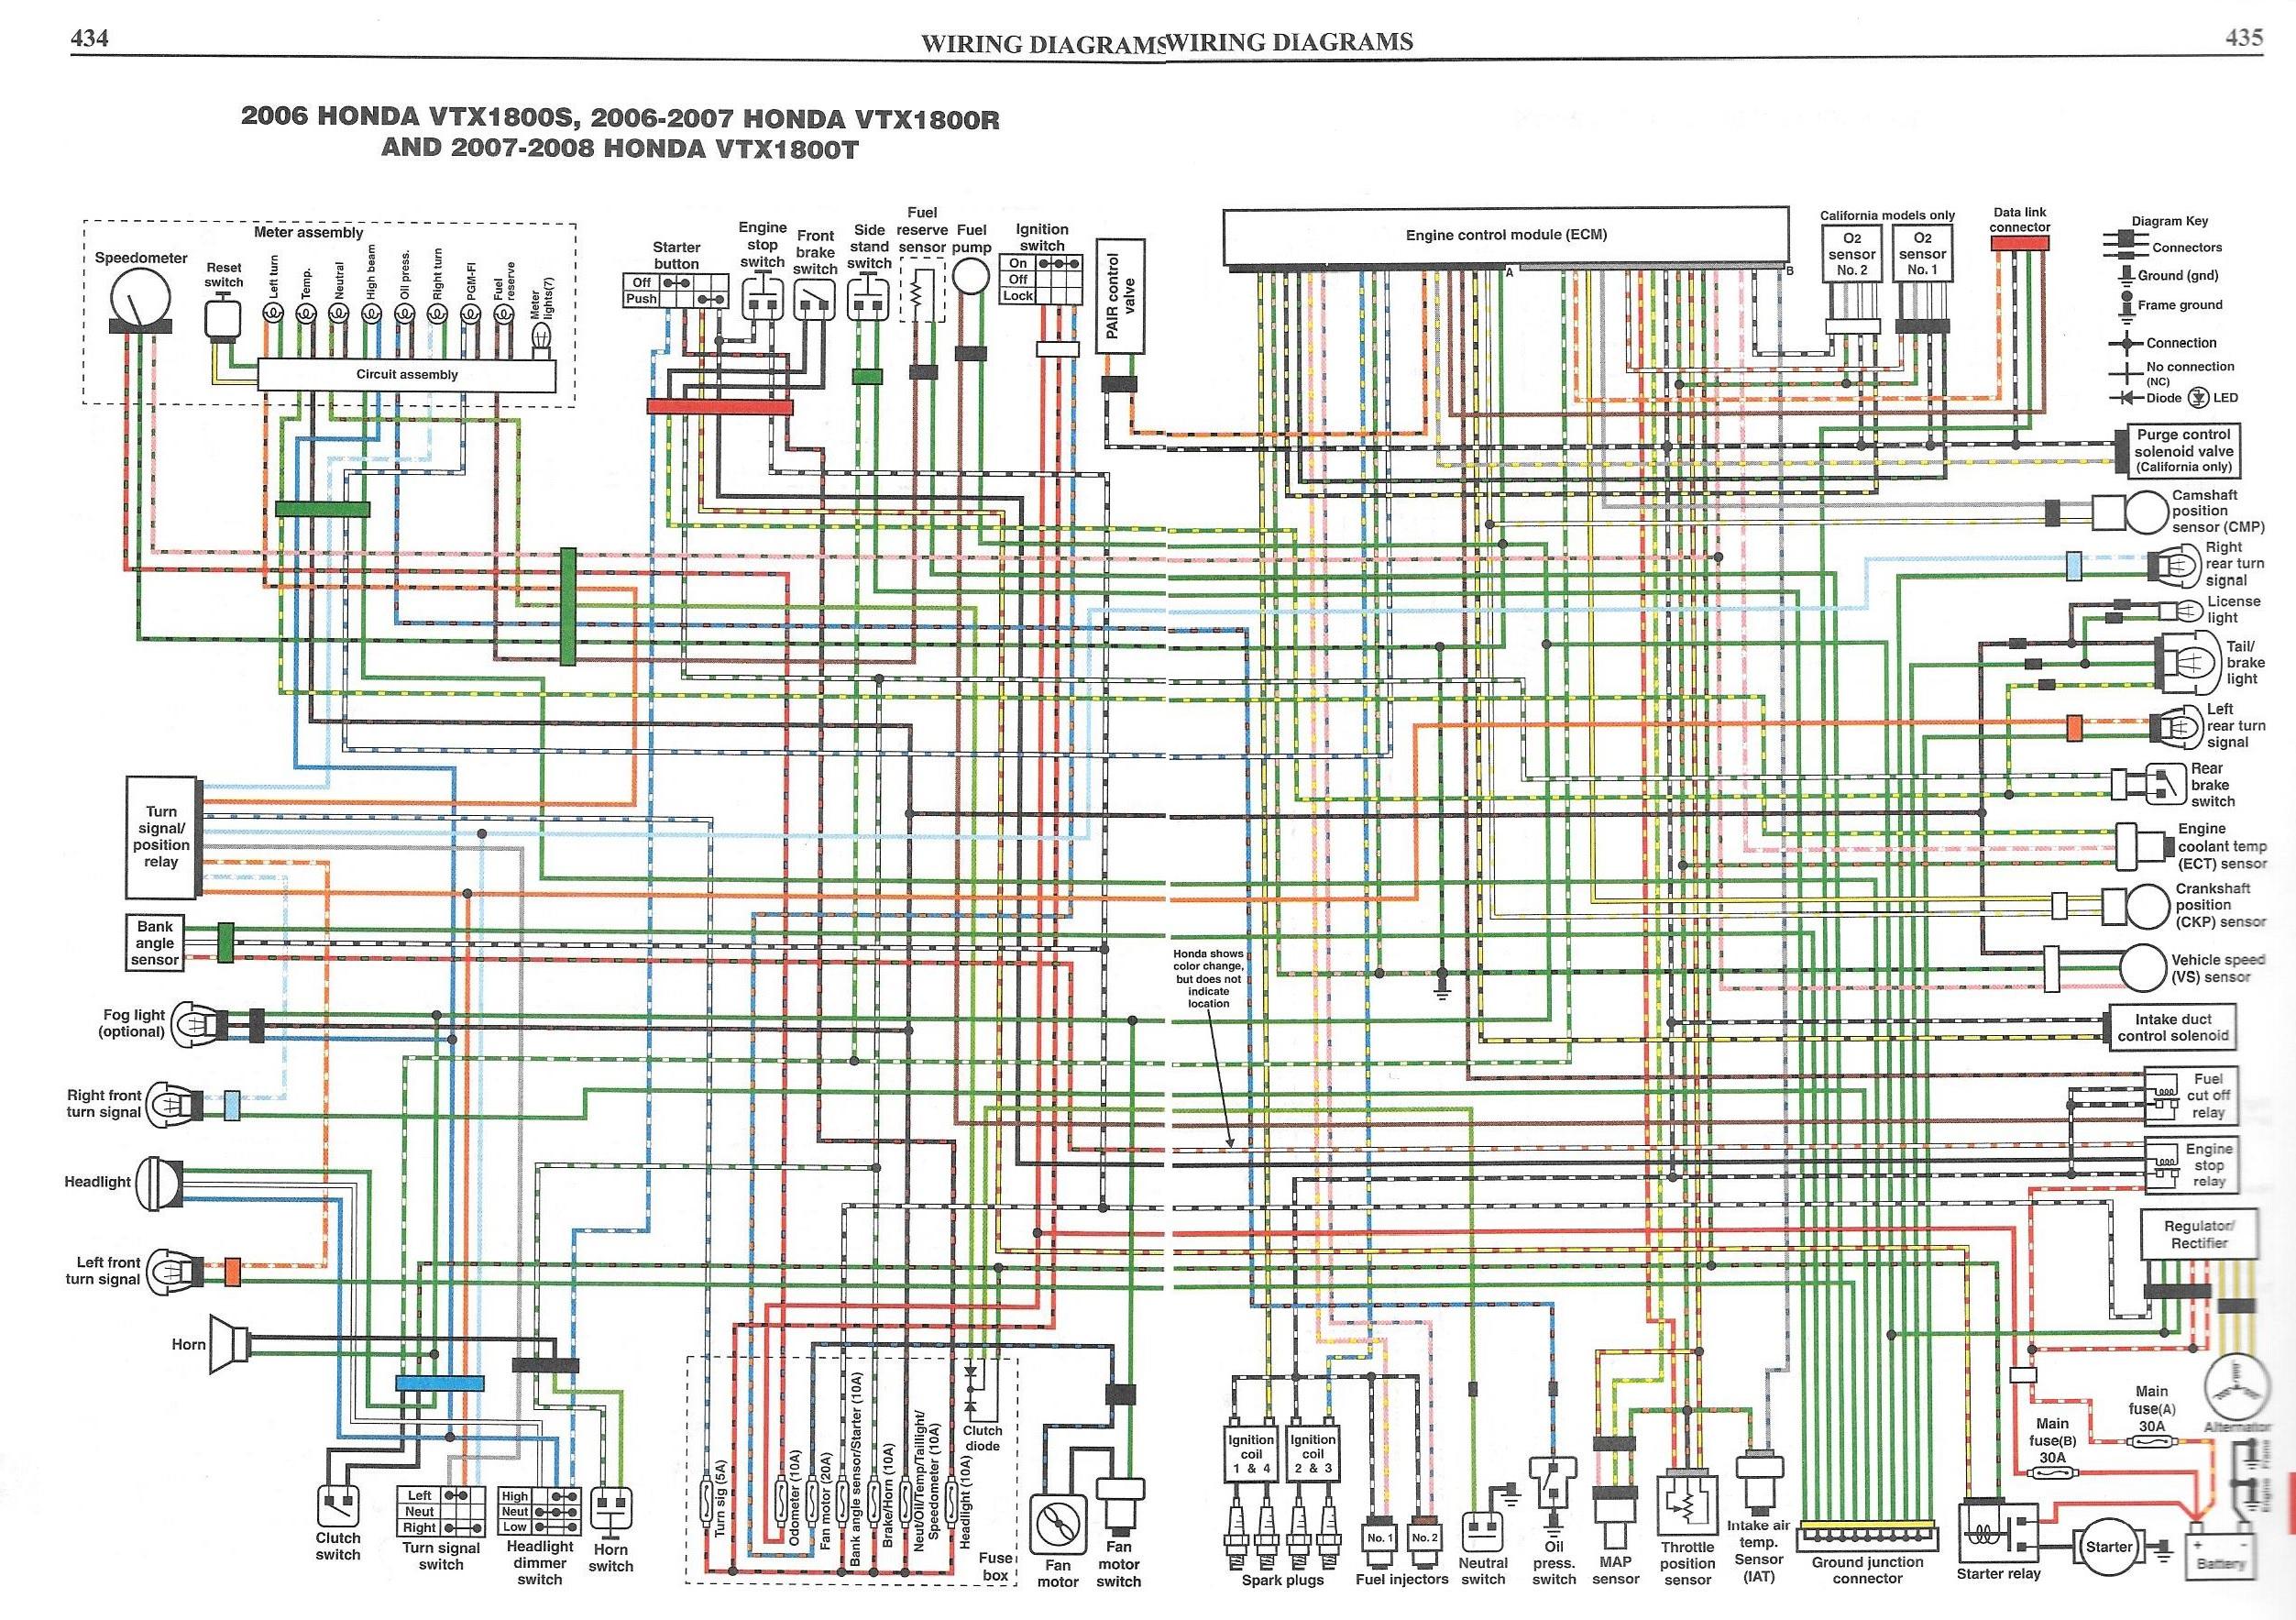 2007 Honda Vtx 1300 R Wiring Diagram -2000 Jaguar S Type Fuse Box Diagram |  Begeboy Wiring Diagram SourceBegeboy Wiring Diagram Source